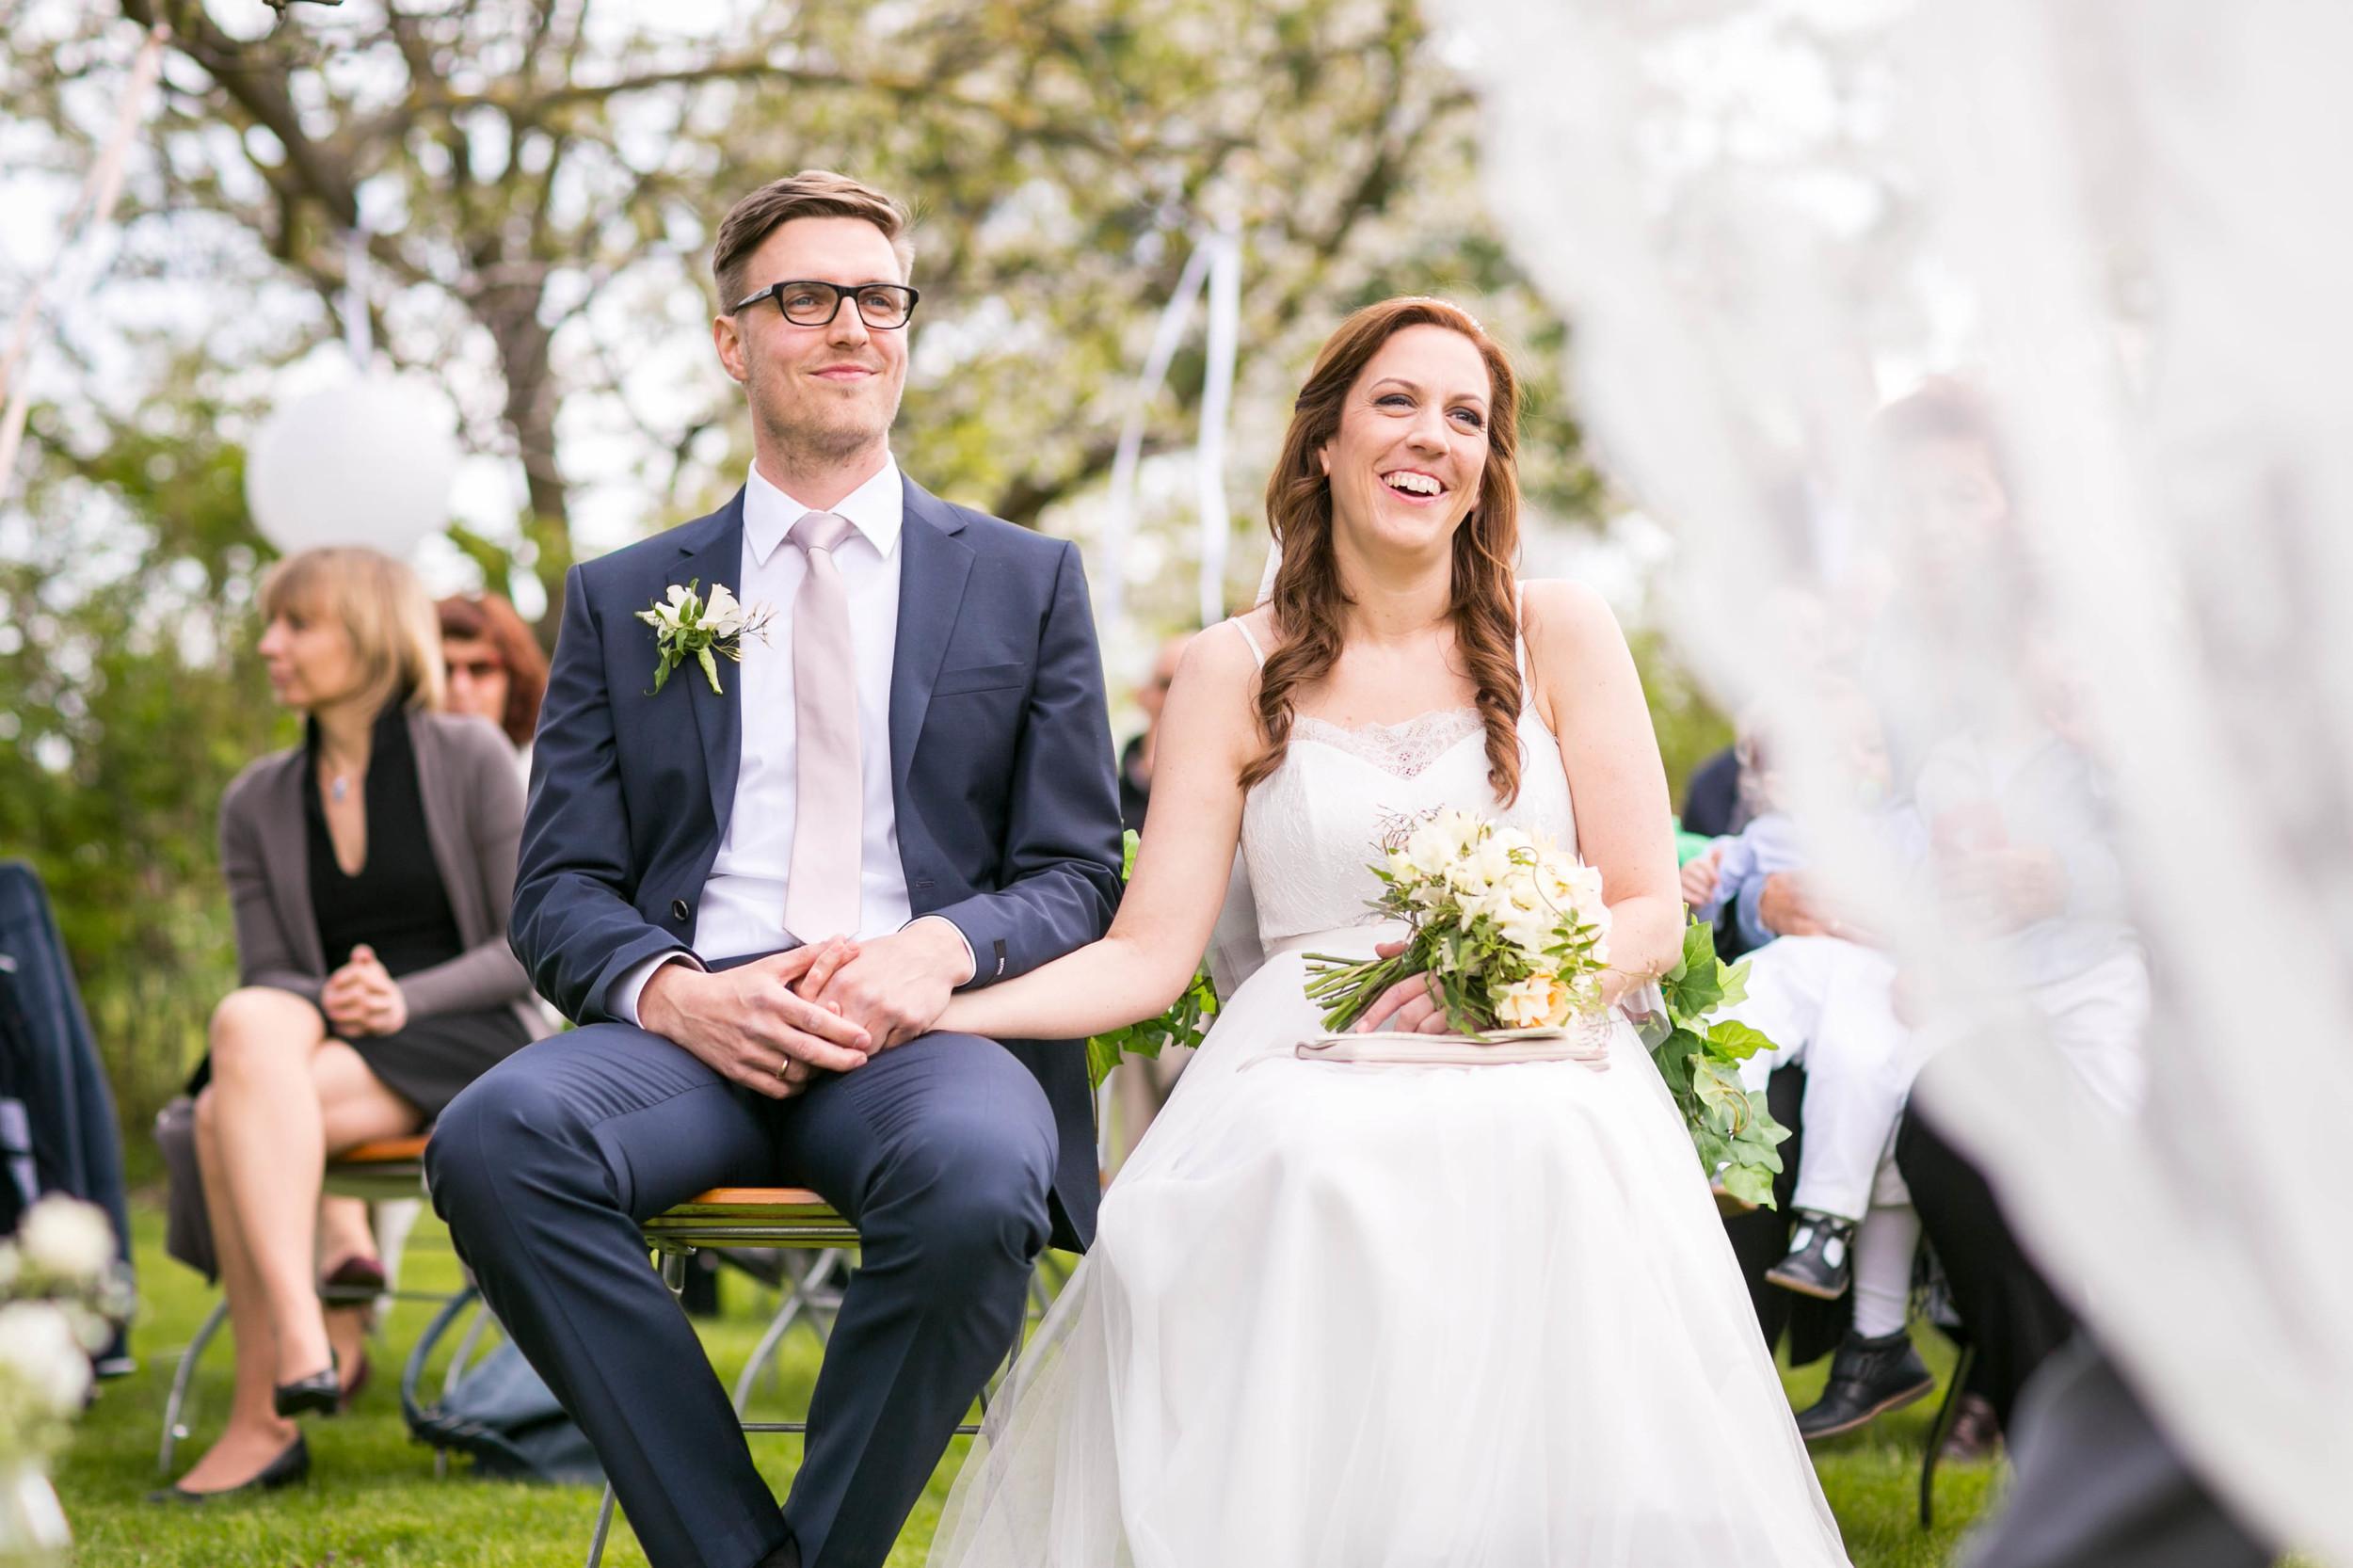 Berlin Hochzeitsfotografin Gartenglueck Wegendorf Hochzeitsreportage-47.jpg